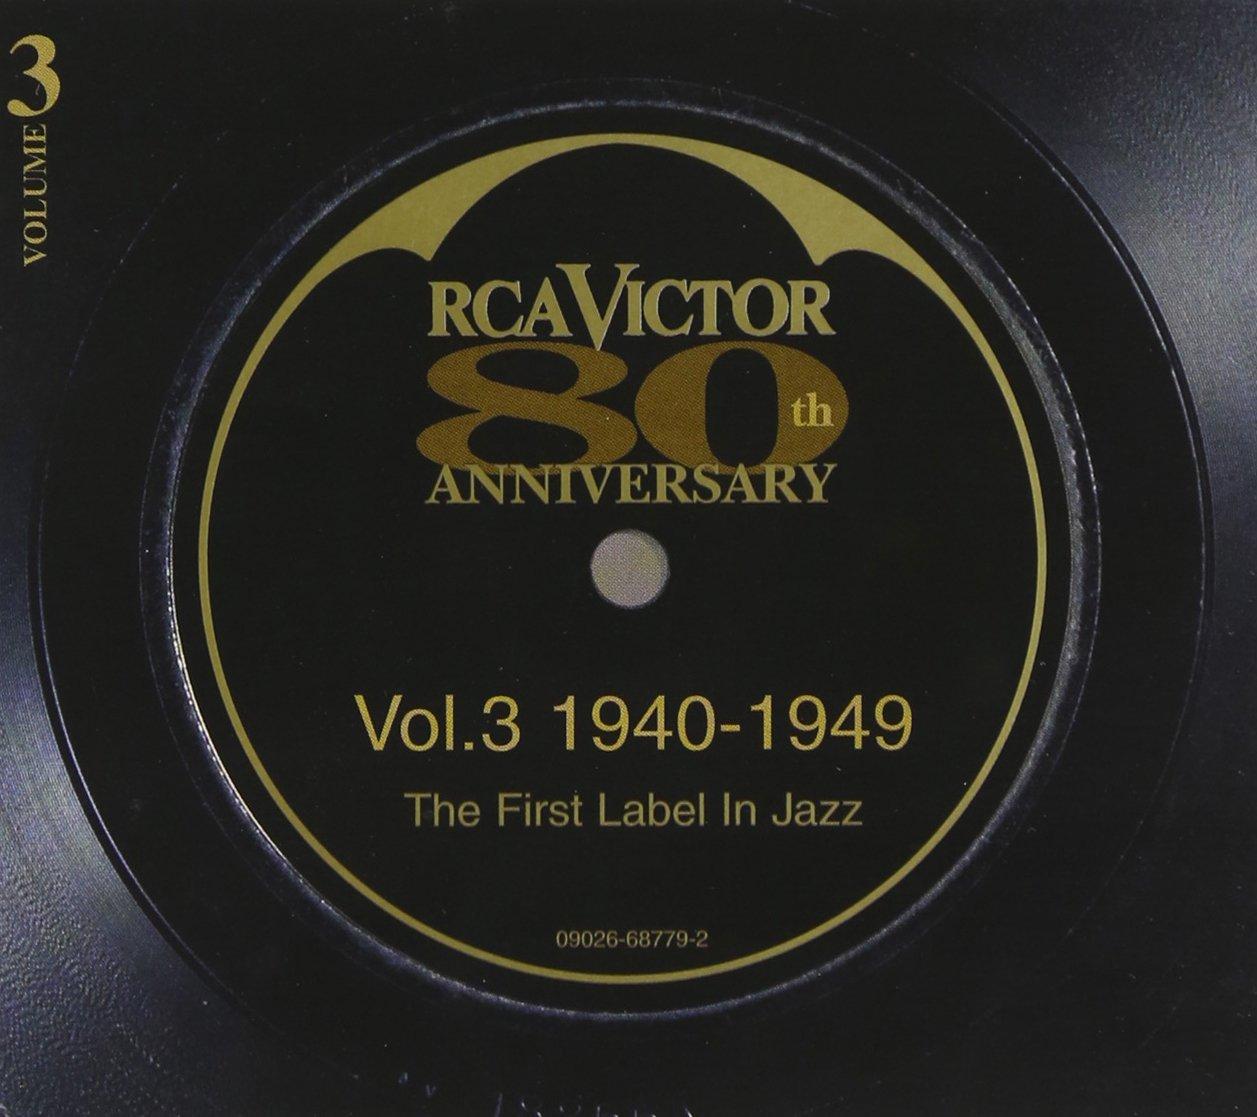 RCA Victor 80th Anniversary, Vol. 3 (1940-1949)